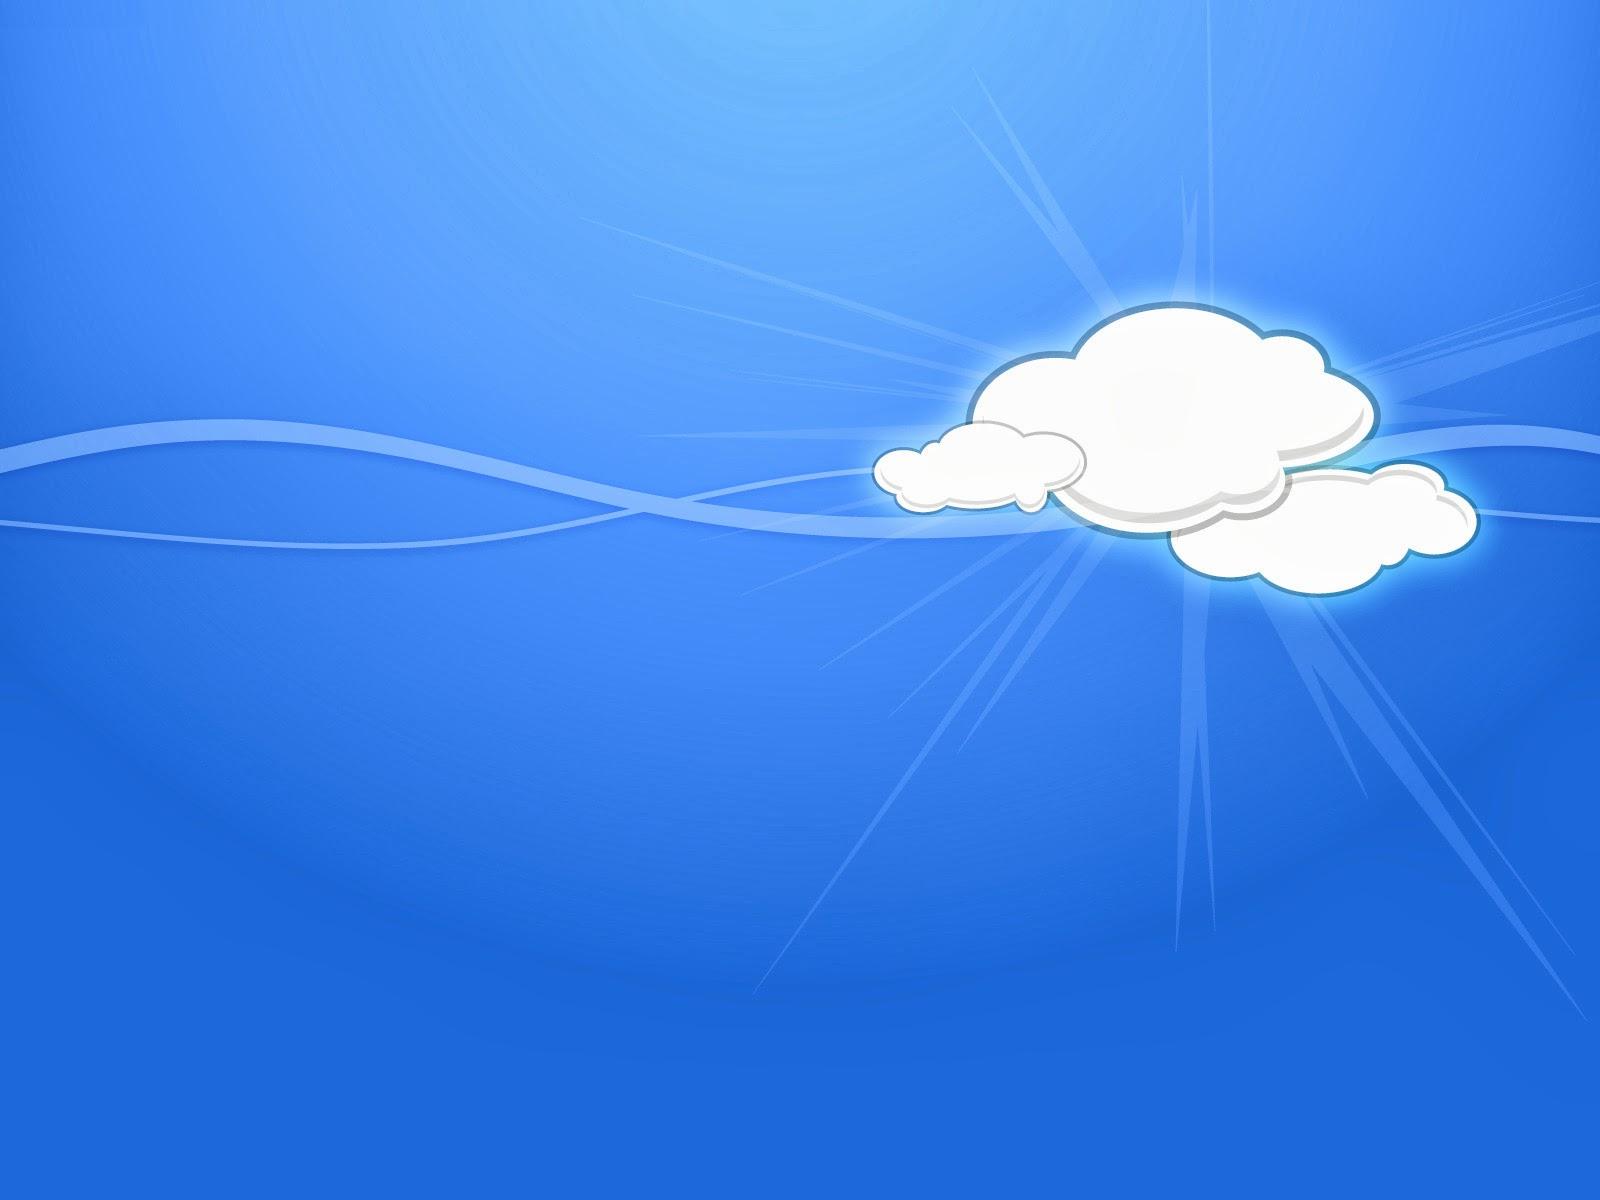 Fondo De Pantalla Abstracto Bolas Azules: Imagenes Hilandy: Fondo De Pantalla Abstracto Nubes En